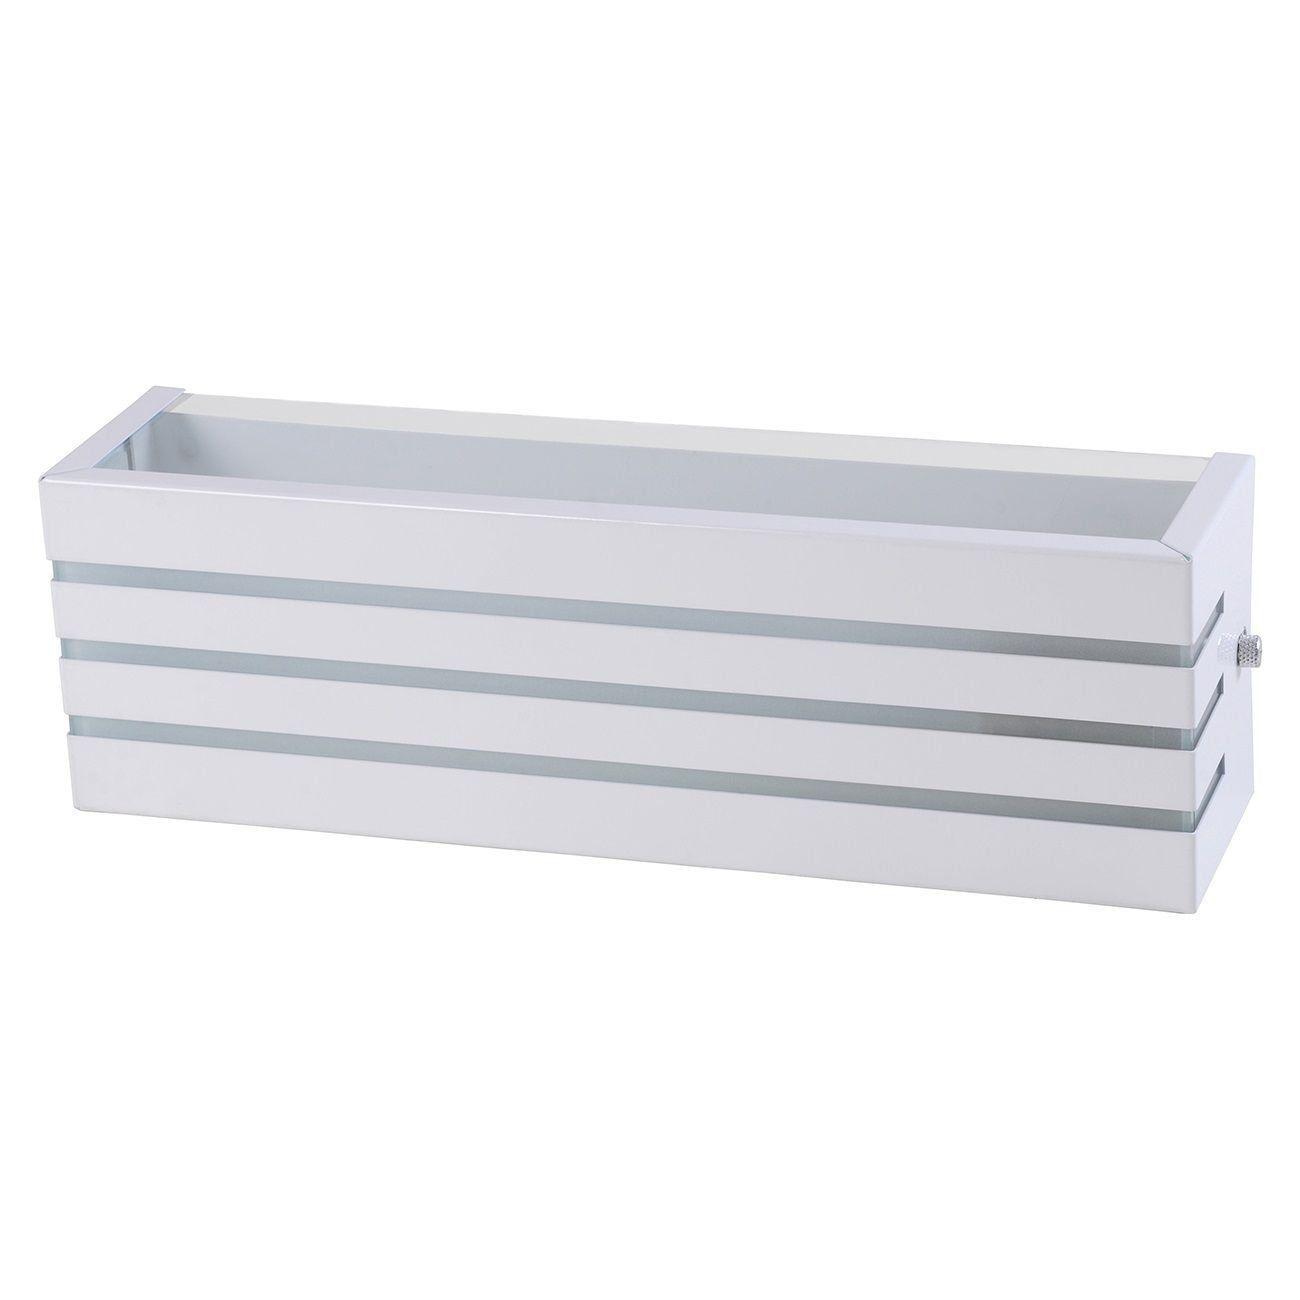 Arandela Frisada 30cm Friso Luminária Externa Interna Muro Parede Alumínio Branco - Rei da Iluminação